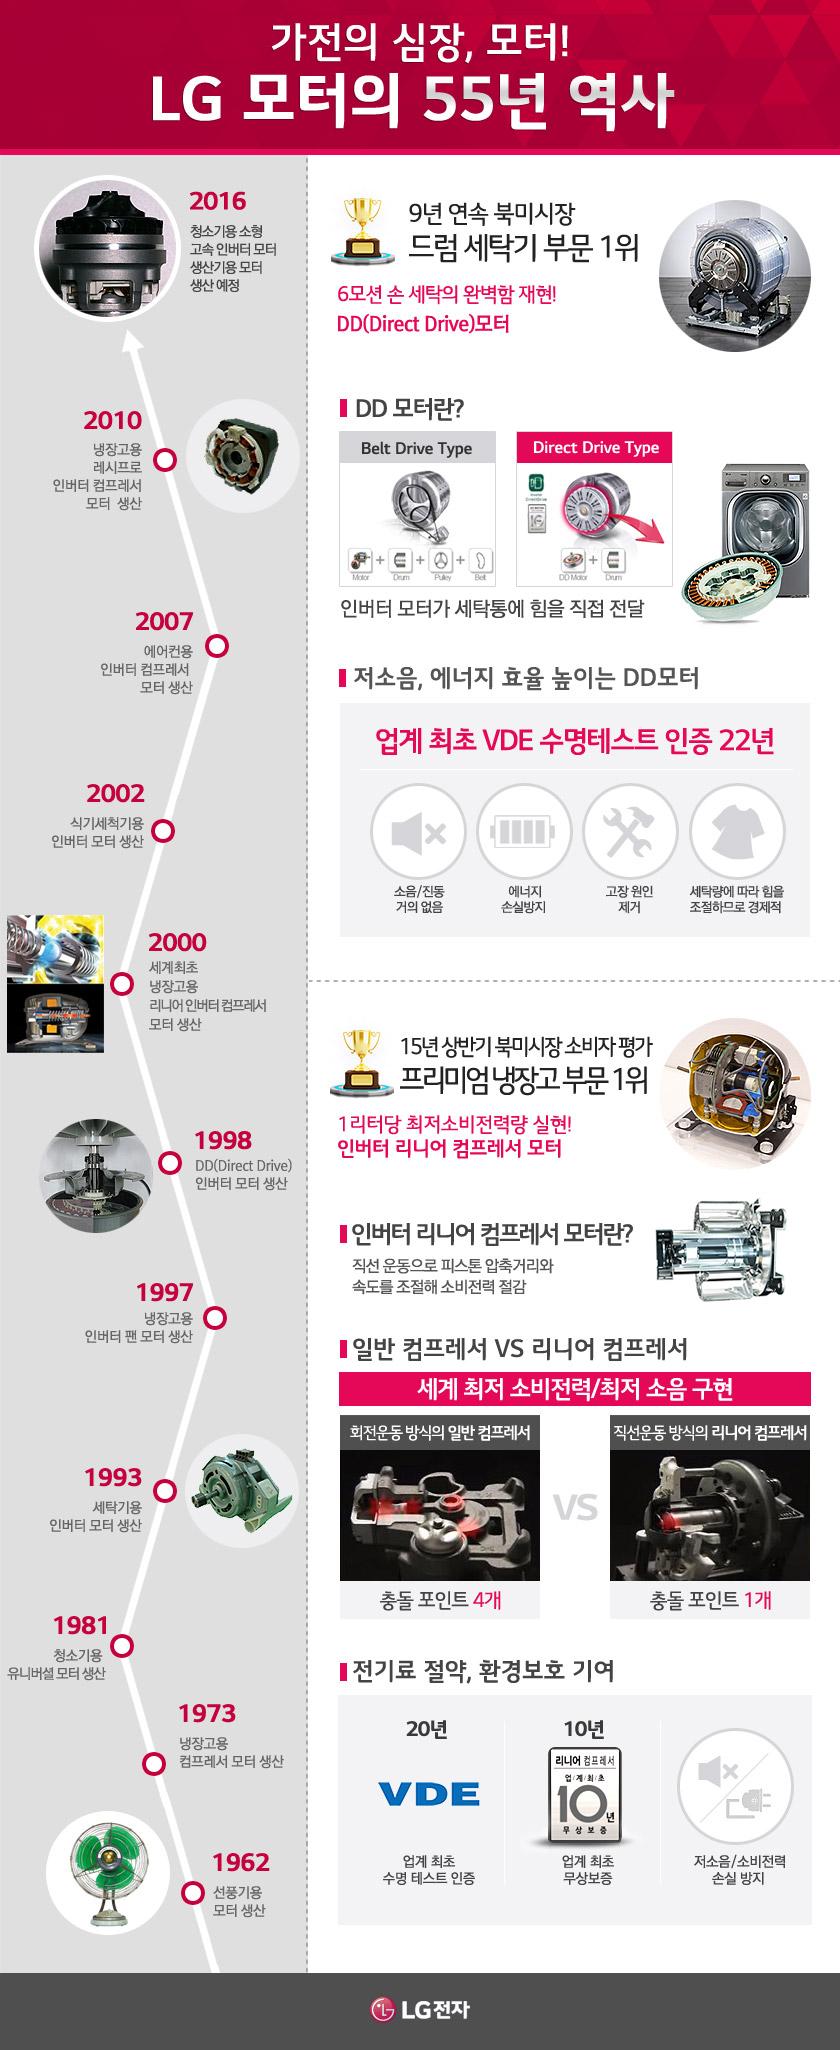 LG 모터 55년 역사 설명하는 인포그래픽 이미지